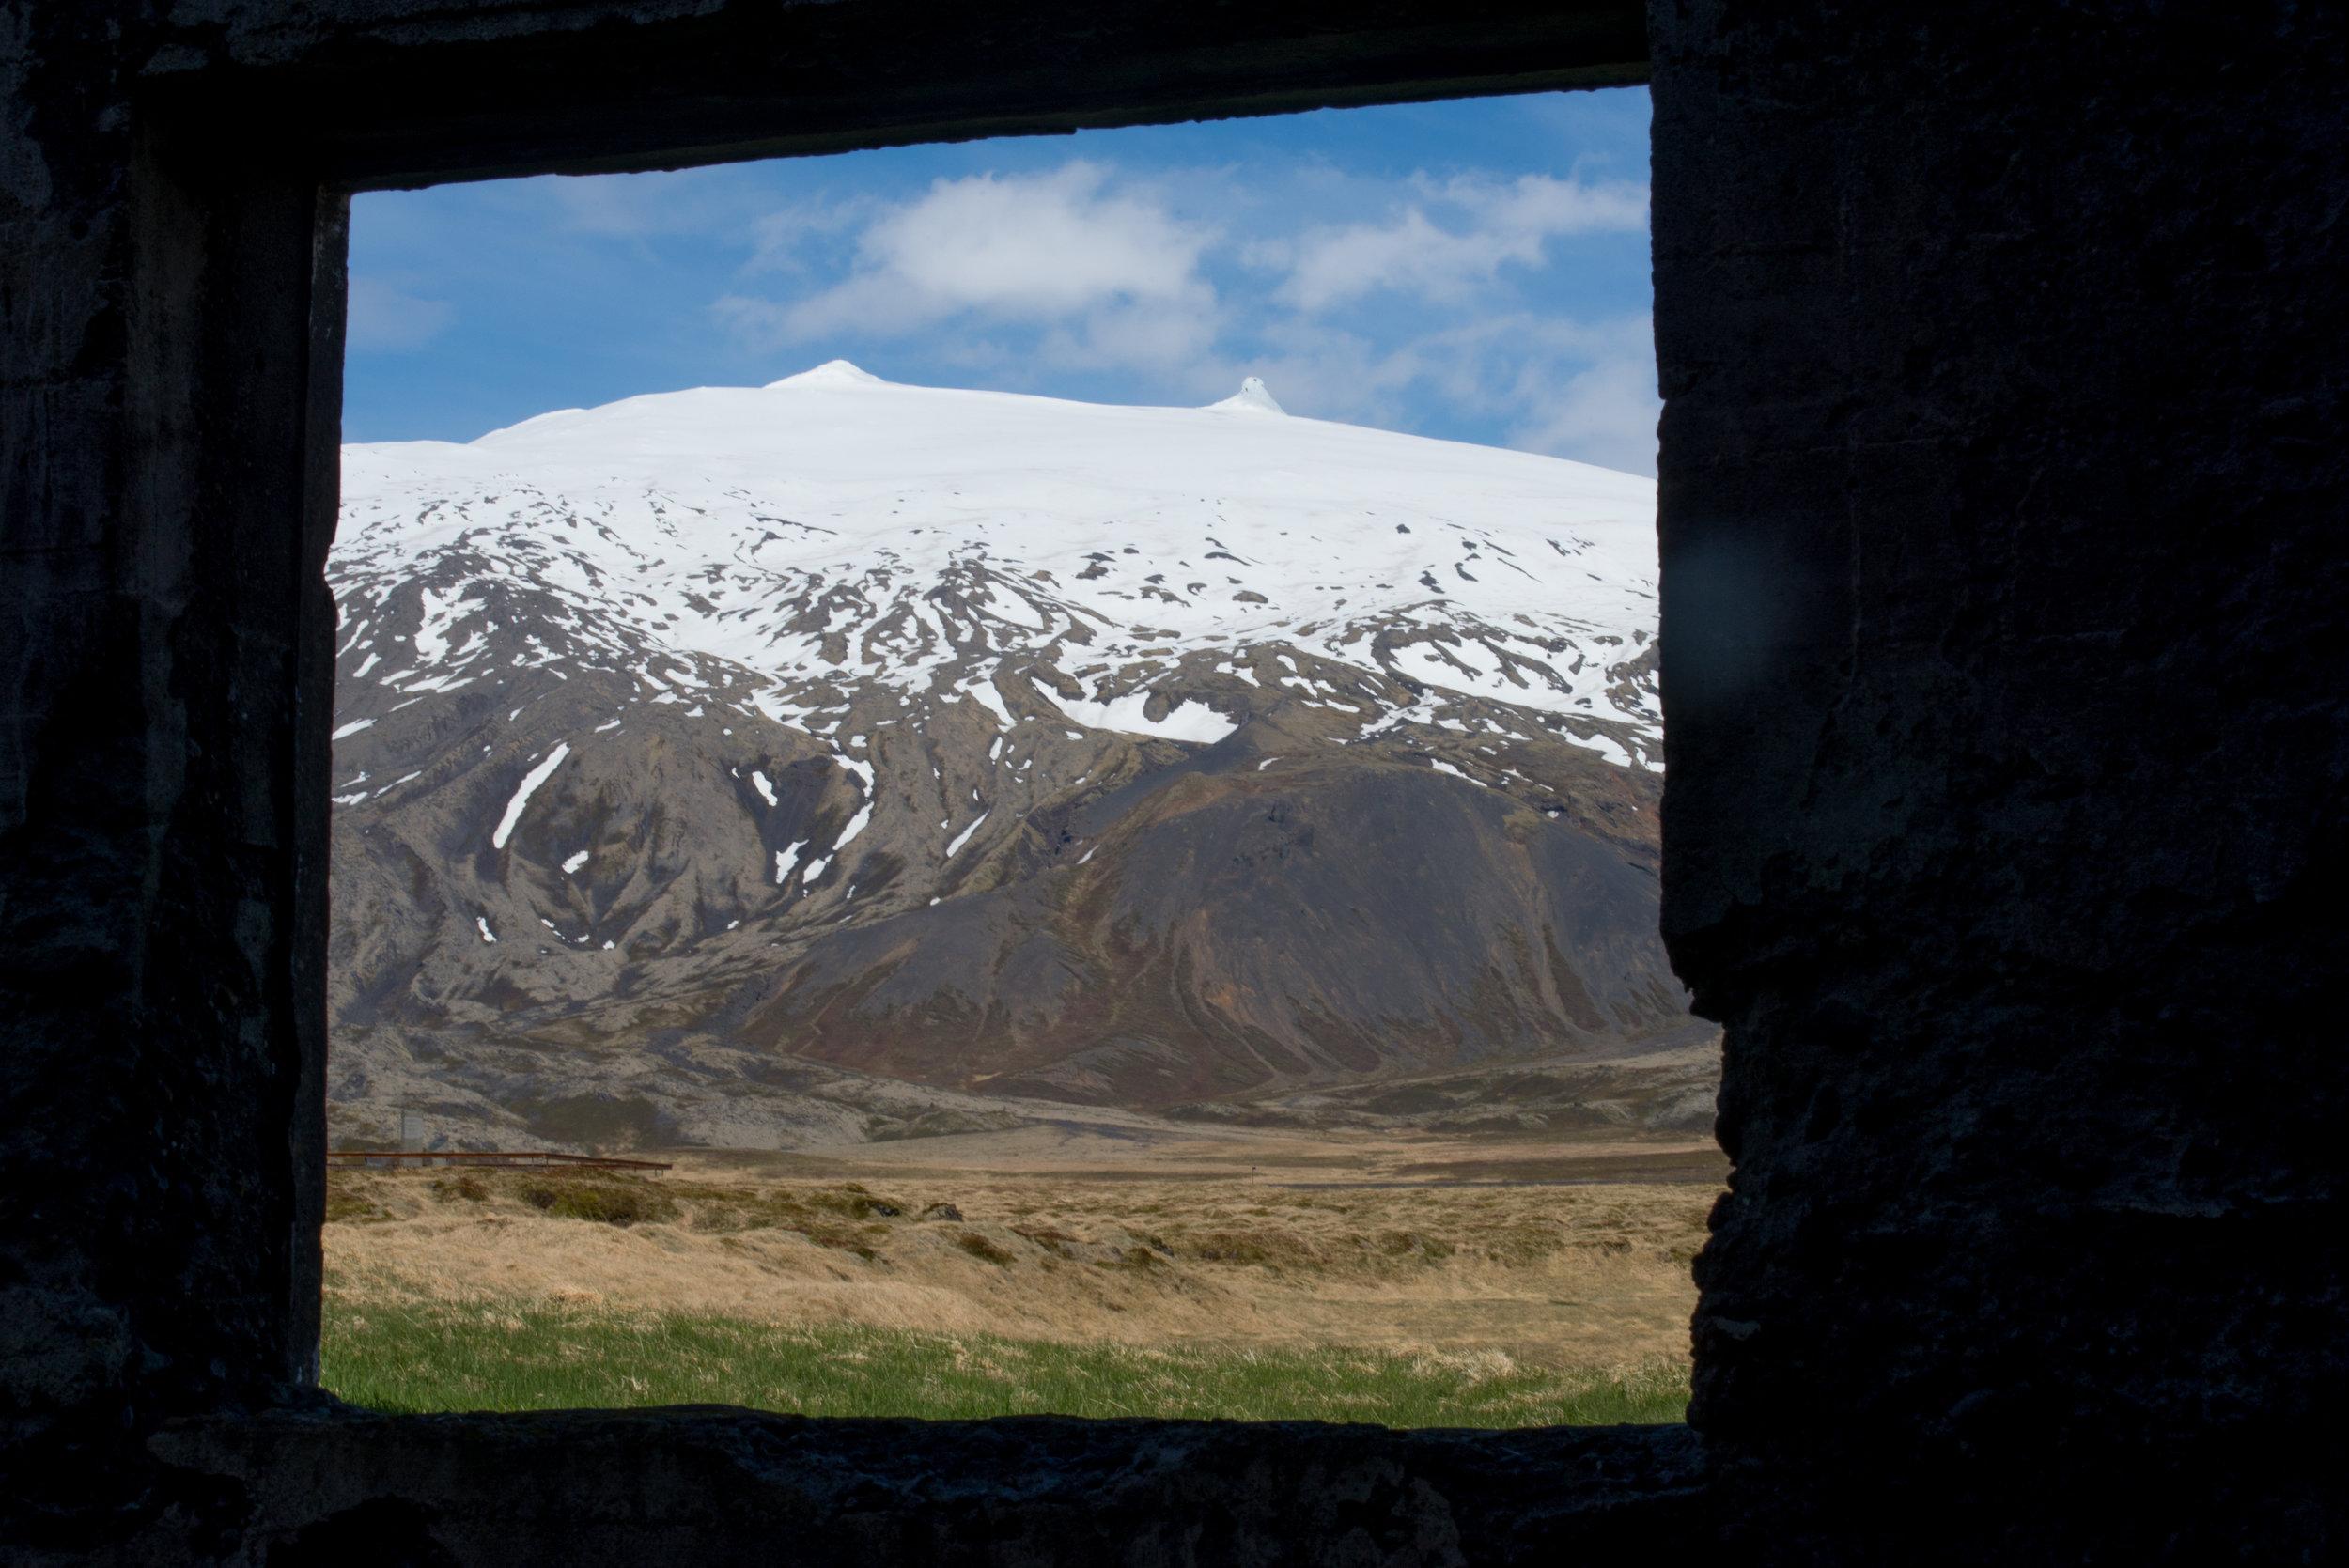 Glacier Frame - Iceland - 2017